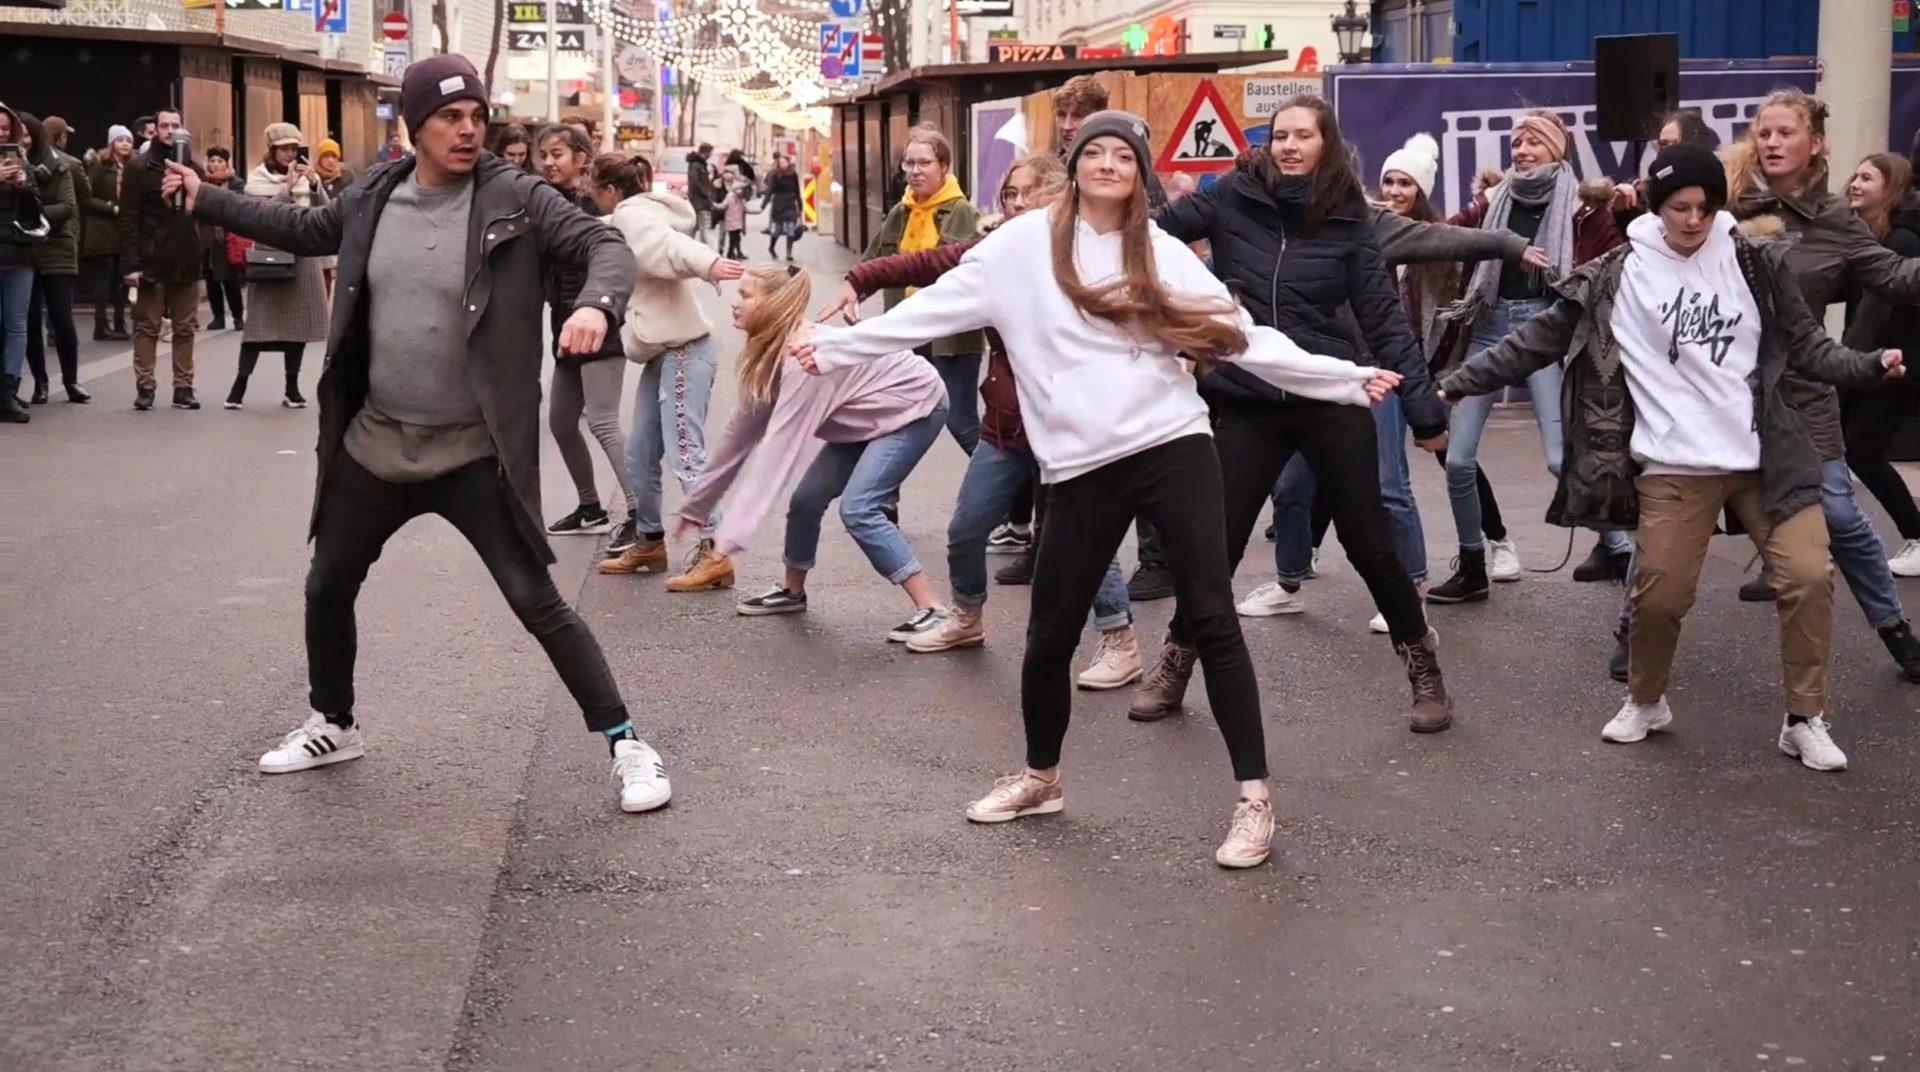 Tanzende junge leute auf der Strasse bei eventvideo